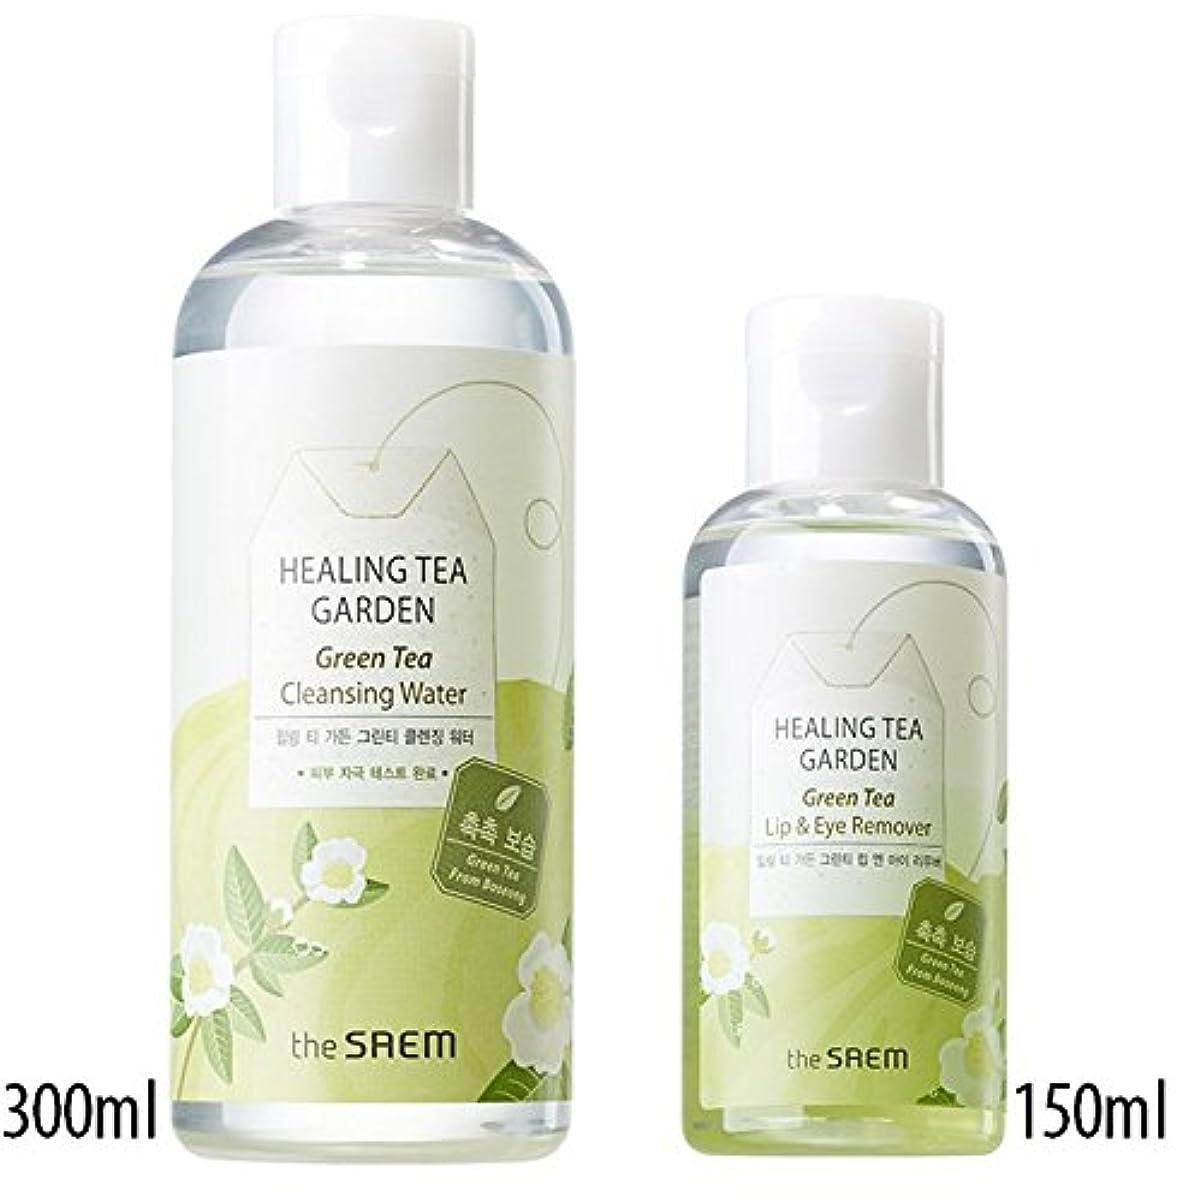 限りなく詐欺避難[1+1] The Saem Green Tea (Lip & Eye Remover + Cleansing Water)ザセム ヒーリングティーガーデングリーンティーリップ&アイリムーバー+ ヒー クレンジングウォーター...